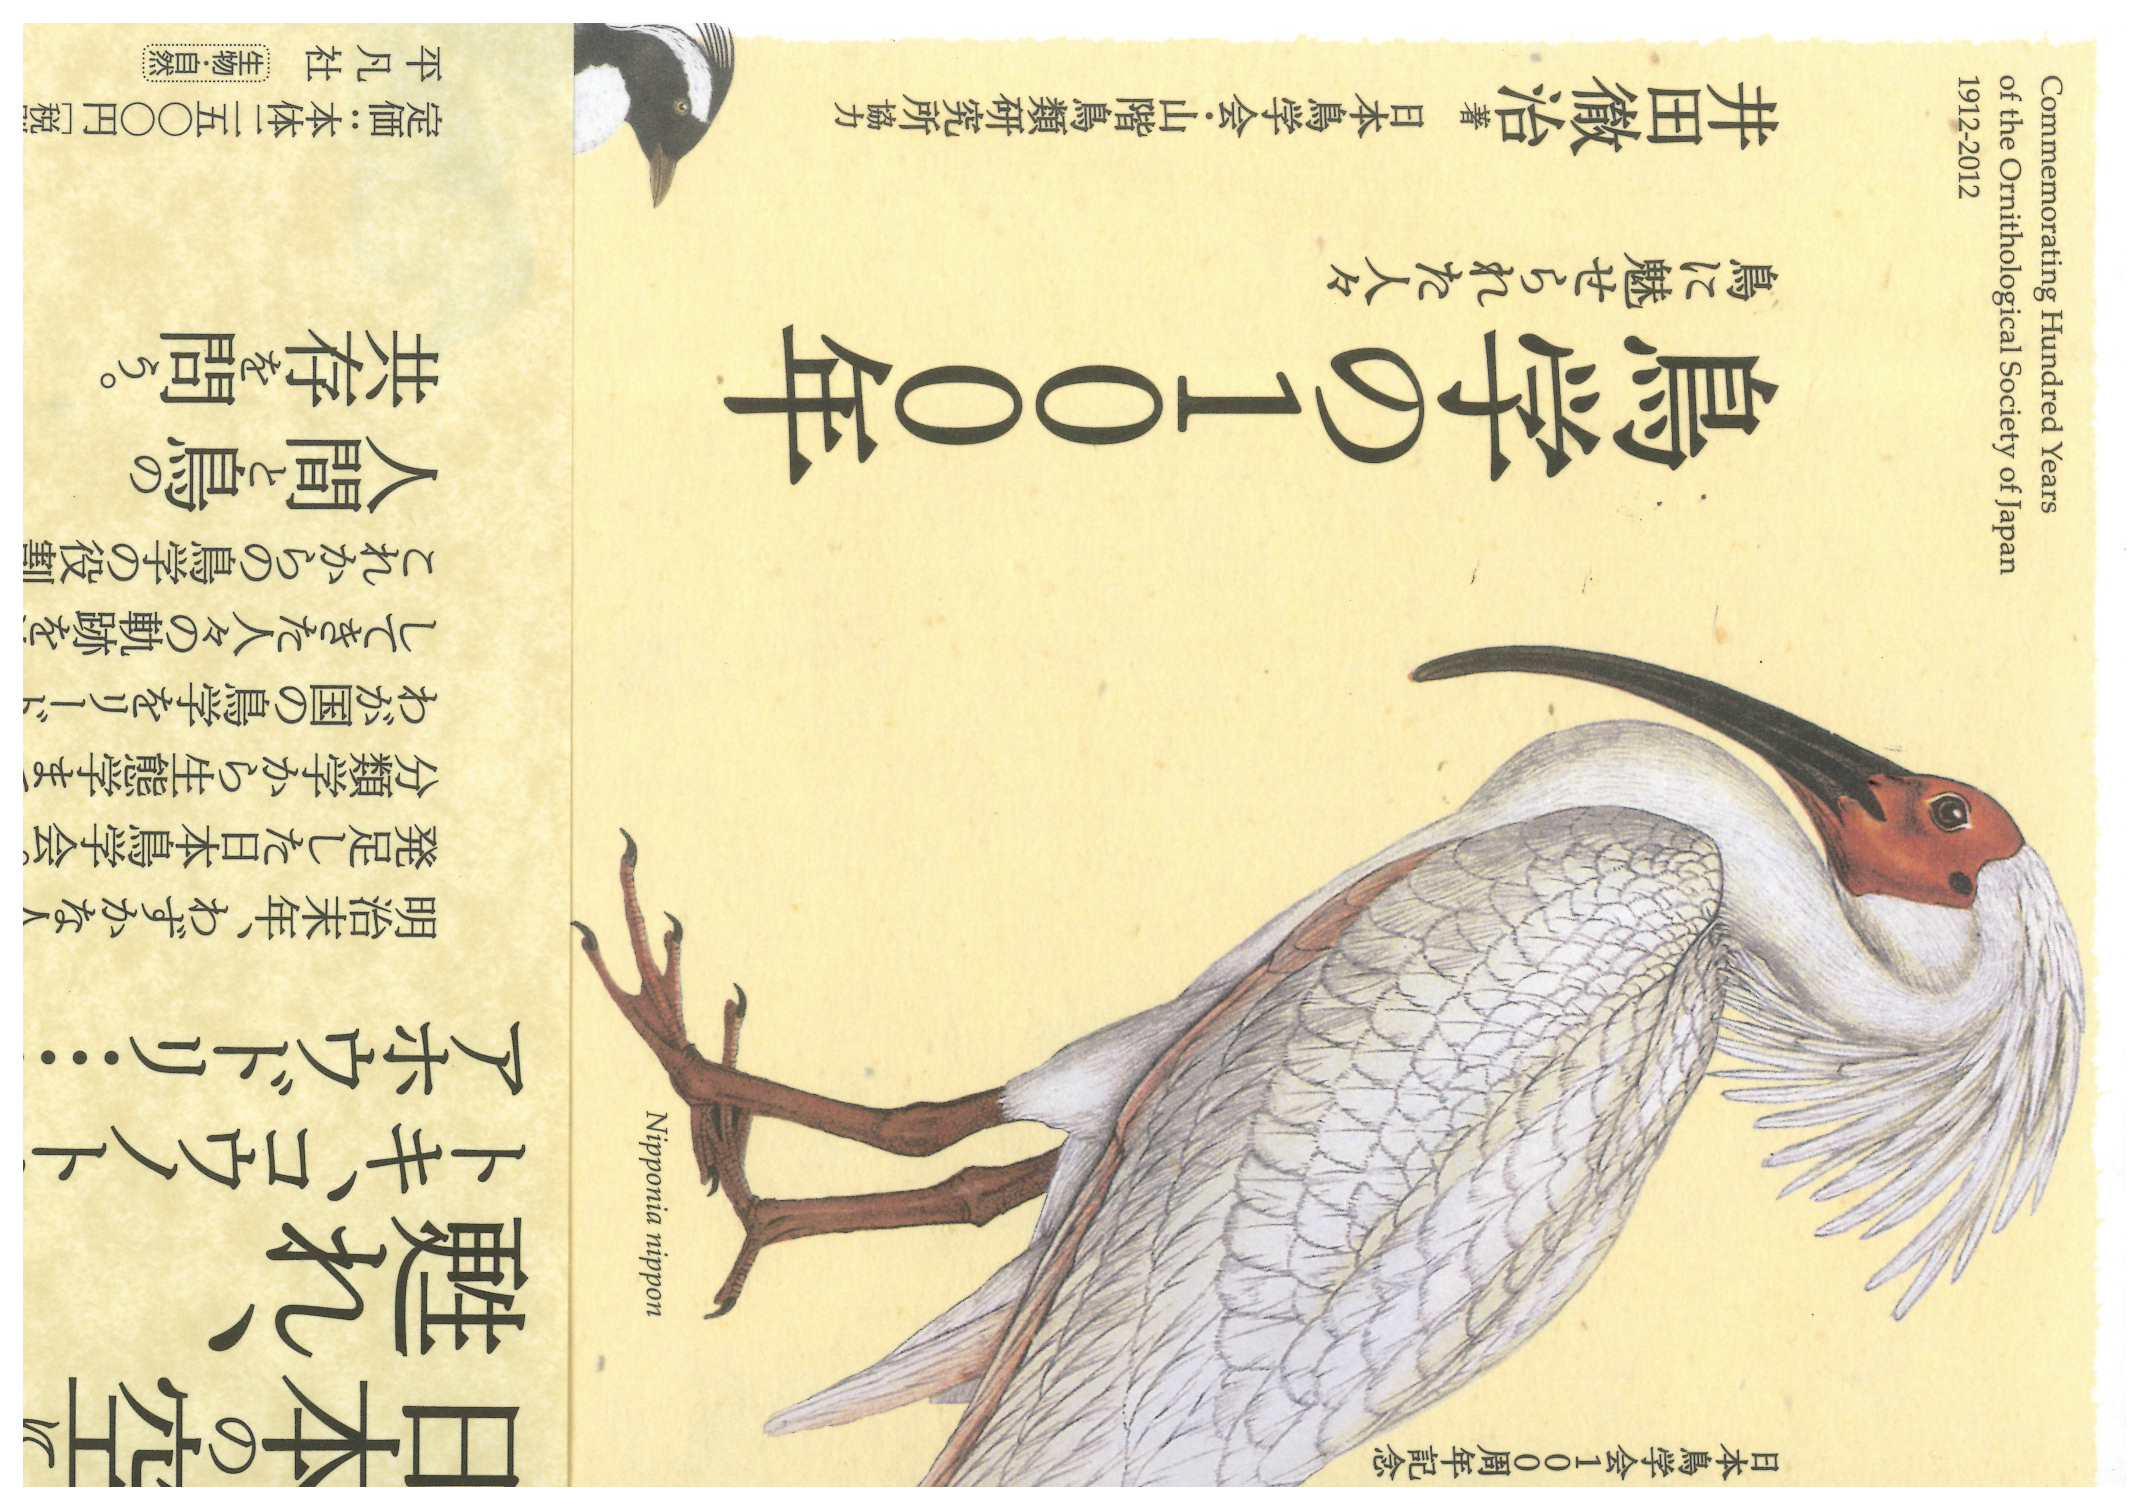 鳥学.jpg